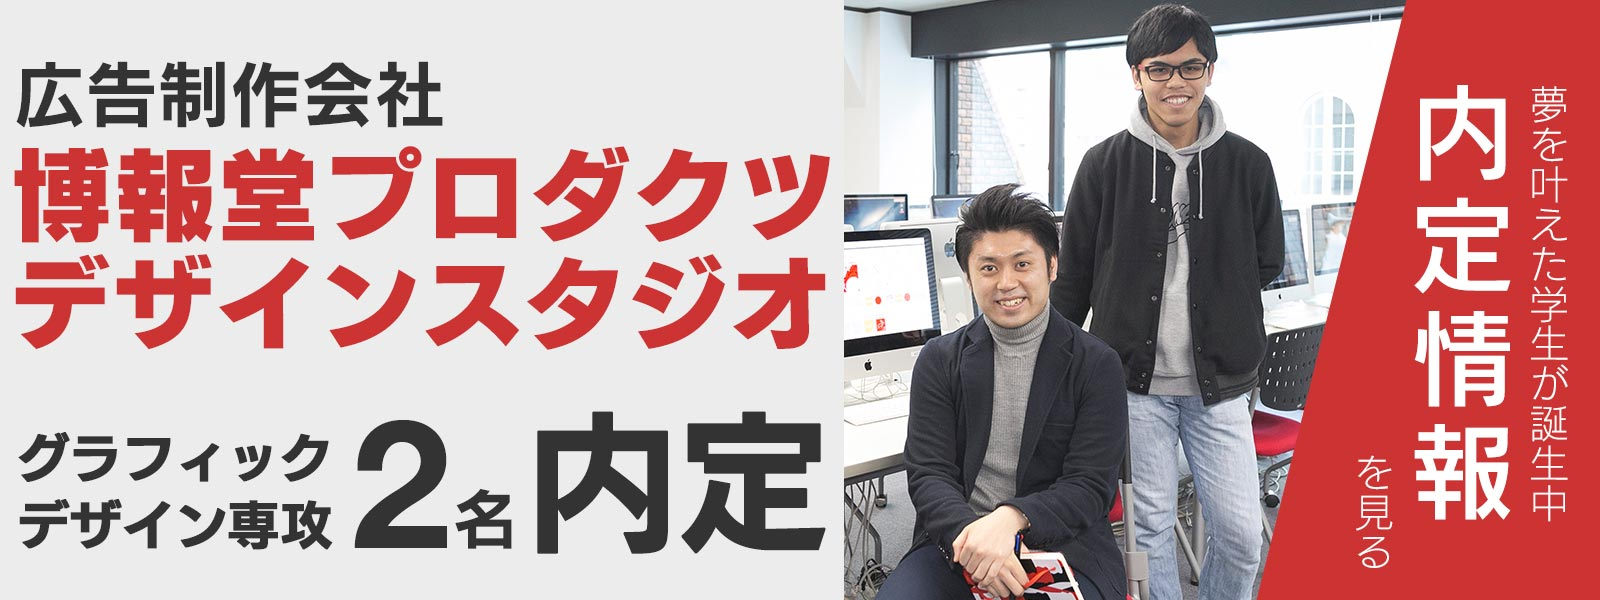 札幌デザイナー学院 内定情報